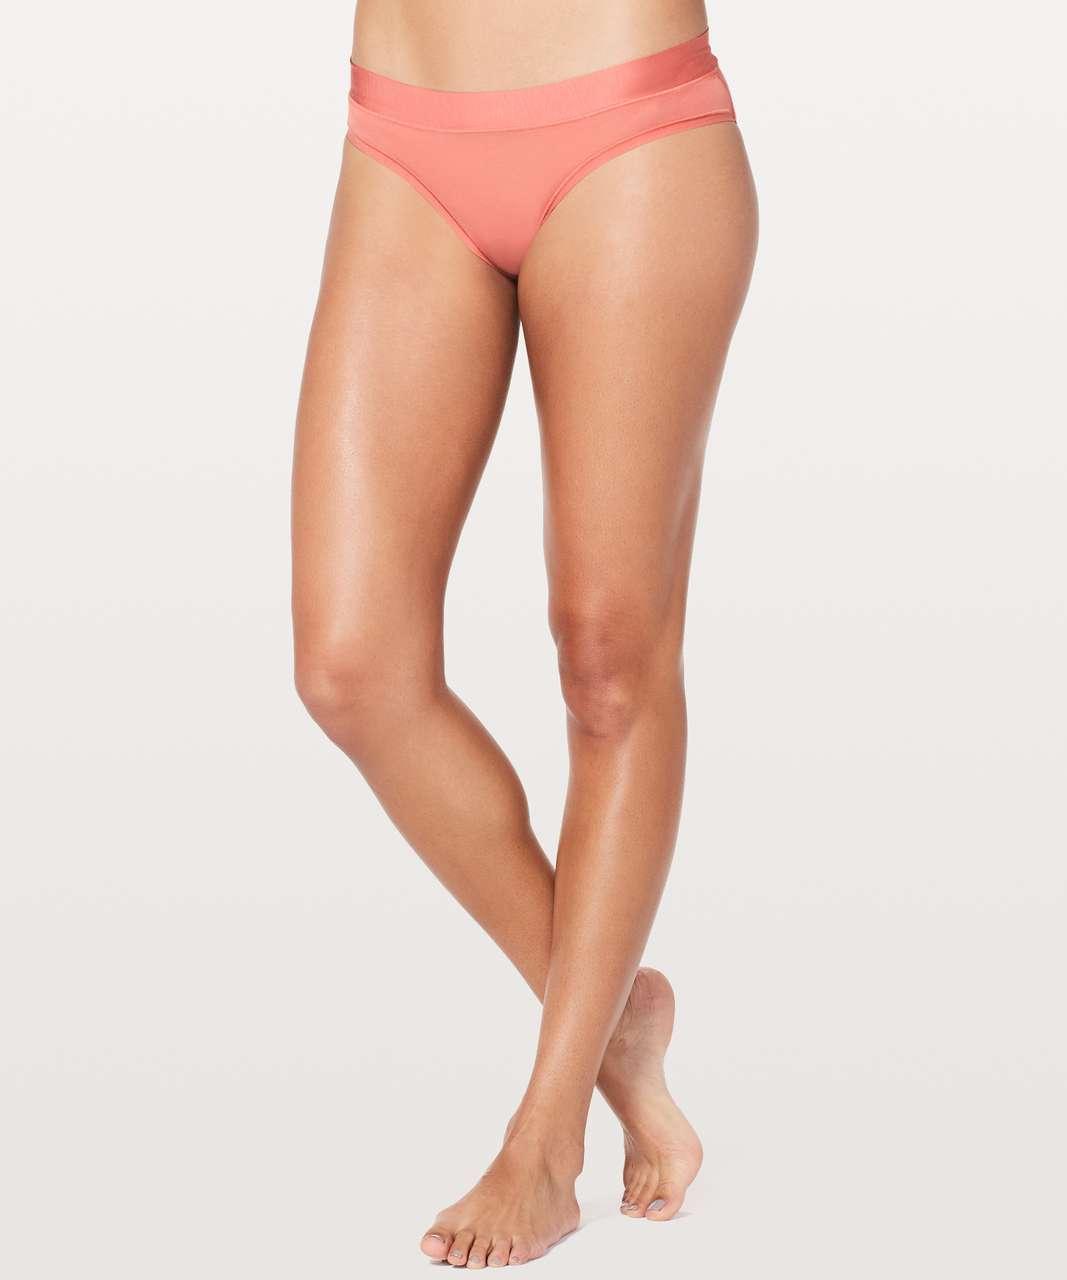 Lululemon Mula Bandhawear Bikini - Santa Fe